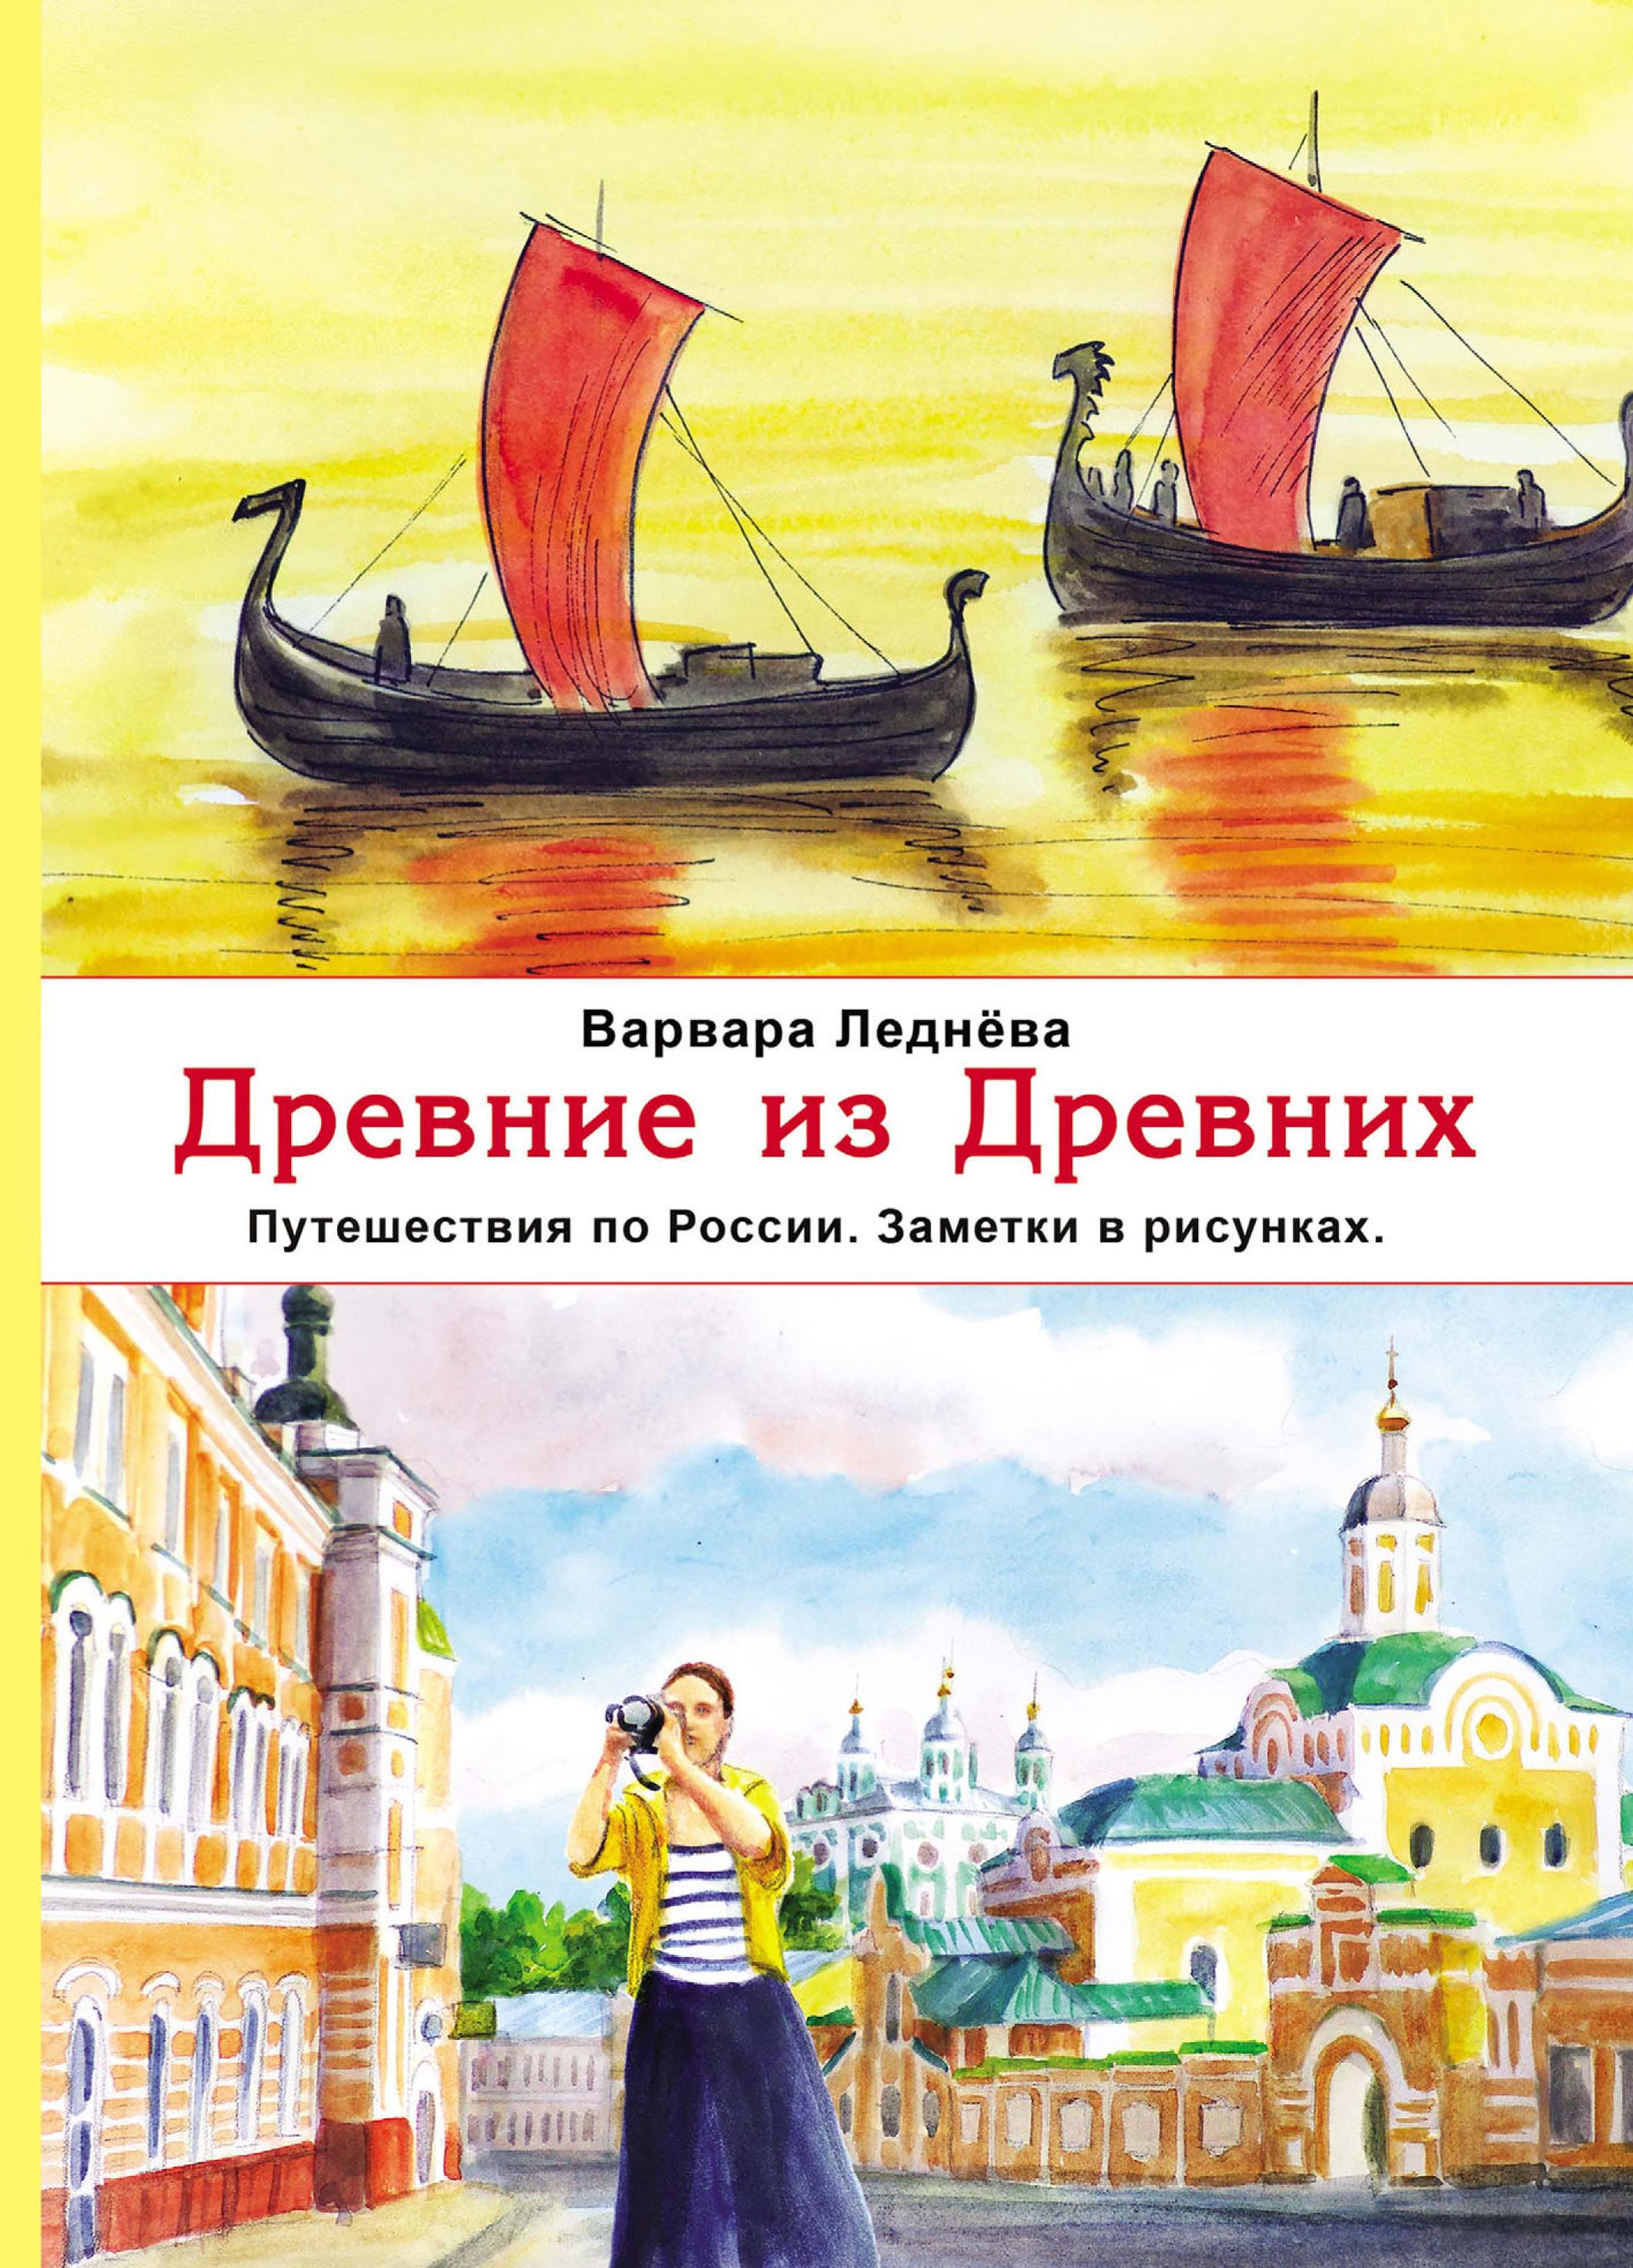 Варвара Леднёва Древние из Древних. Путешествия по России. Заметки в рисунках